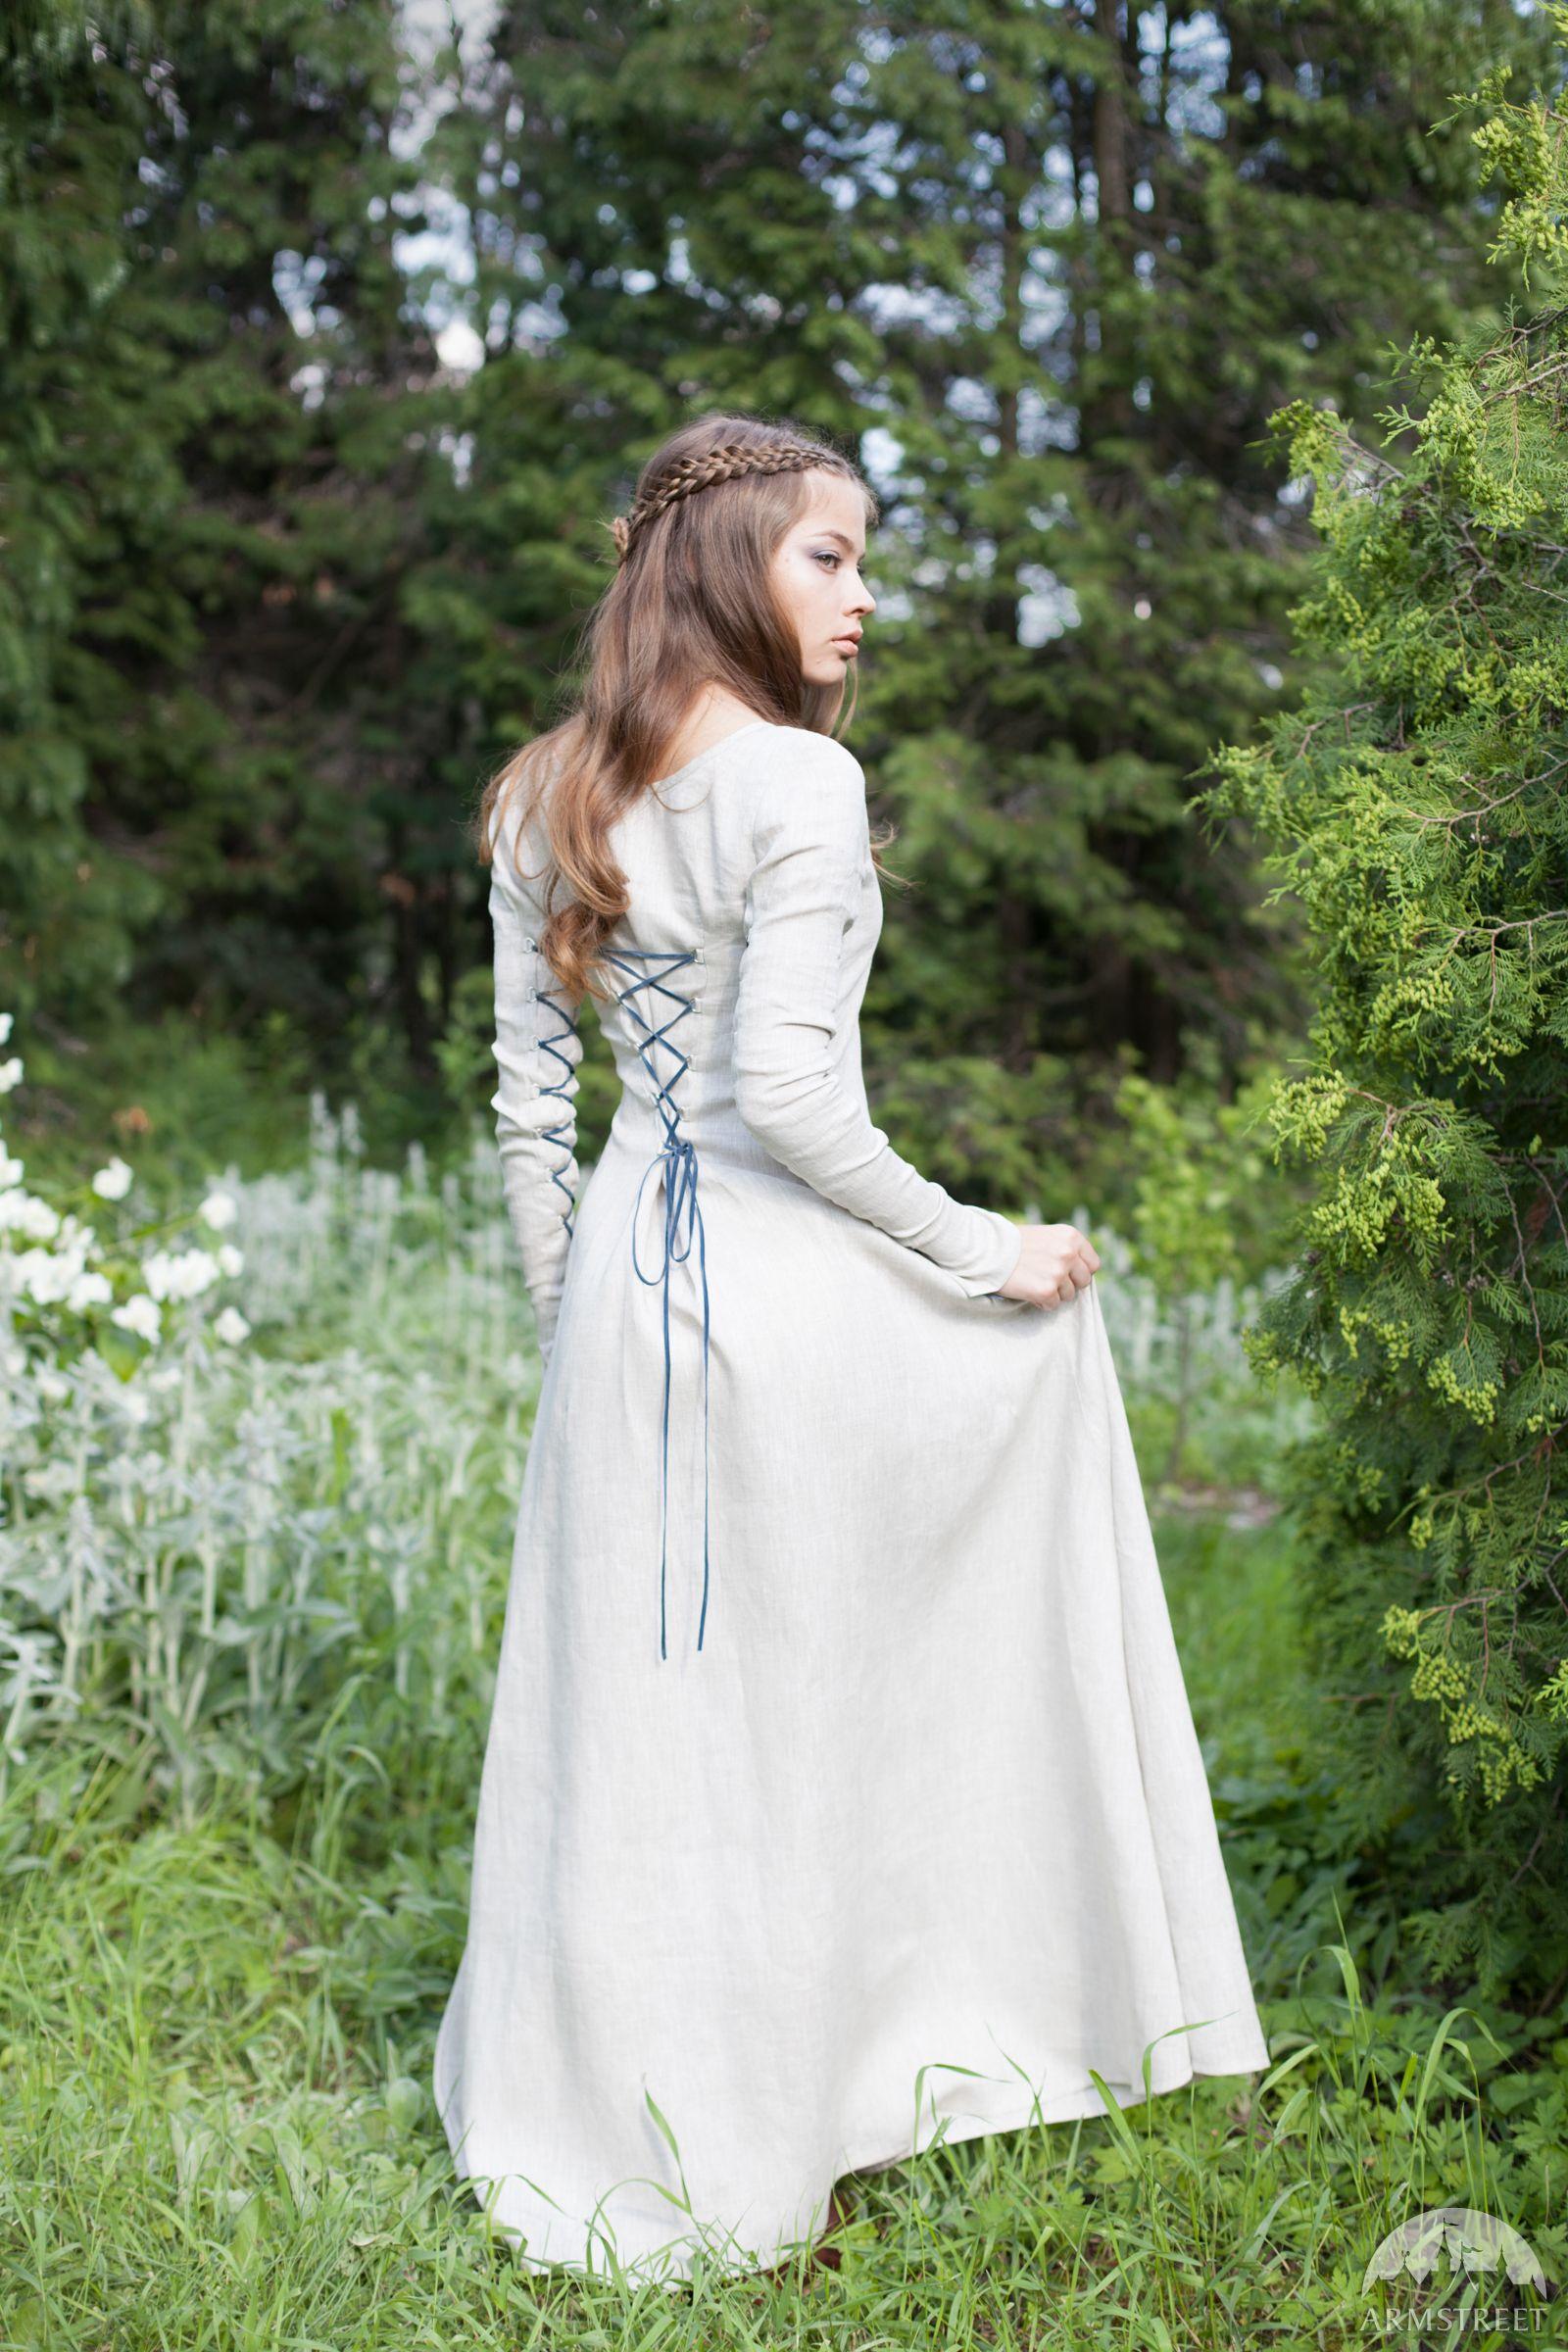 Mittelalter kleidung aus leinen